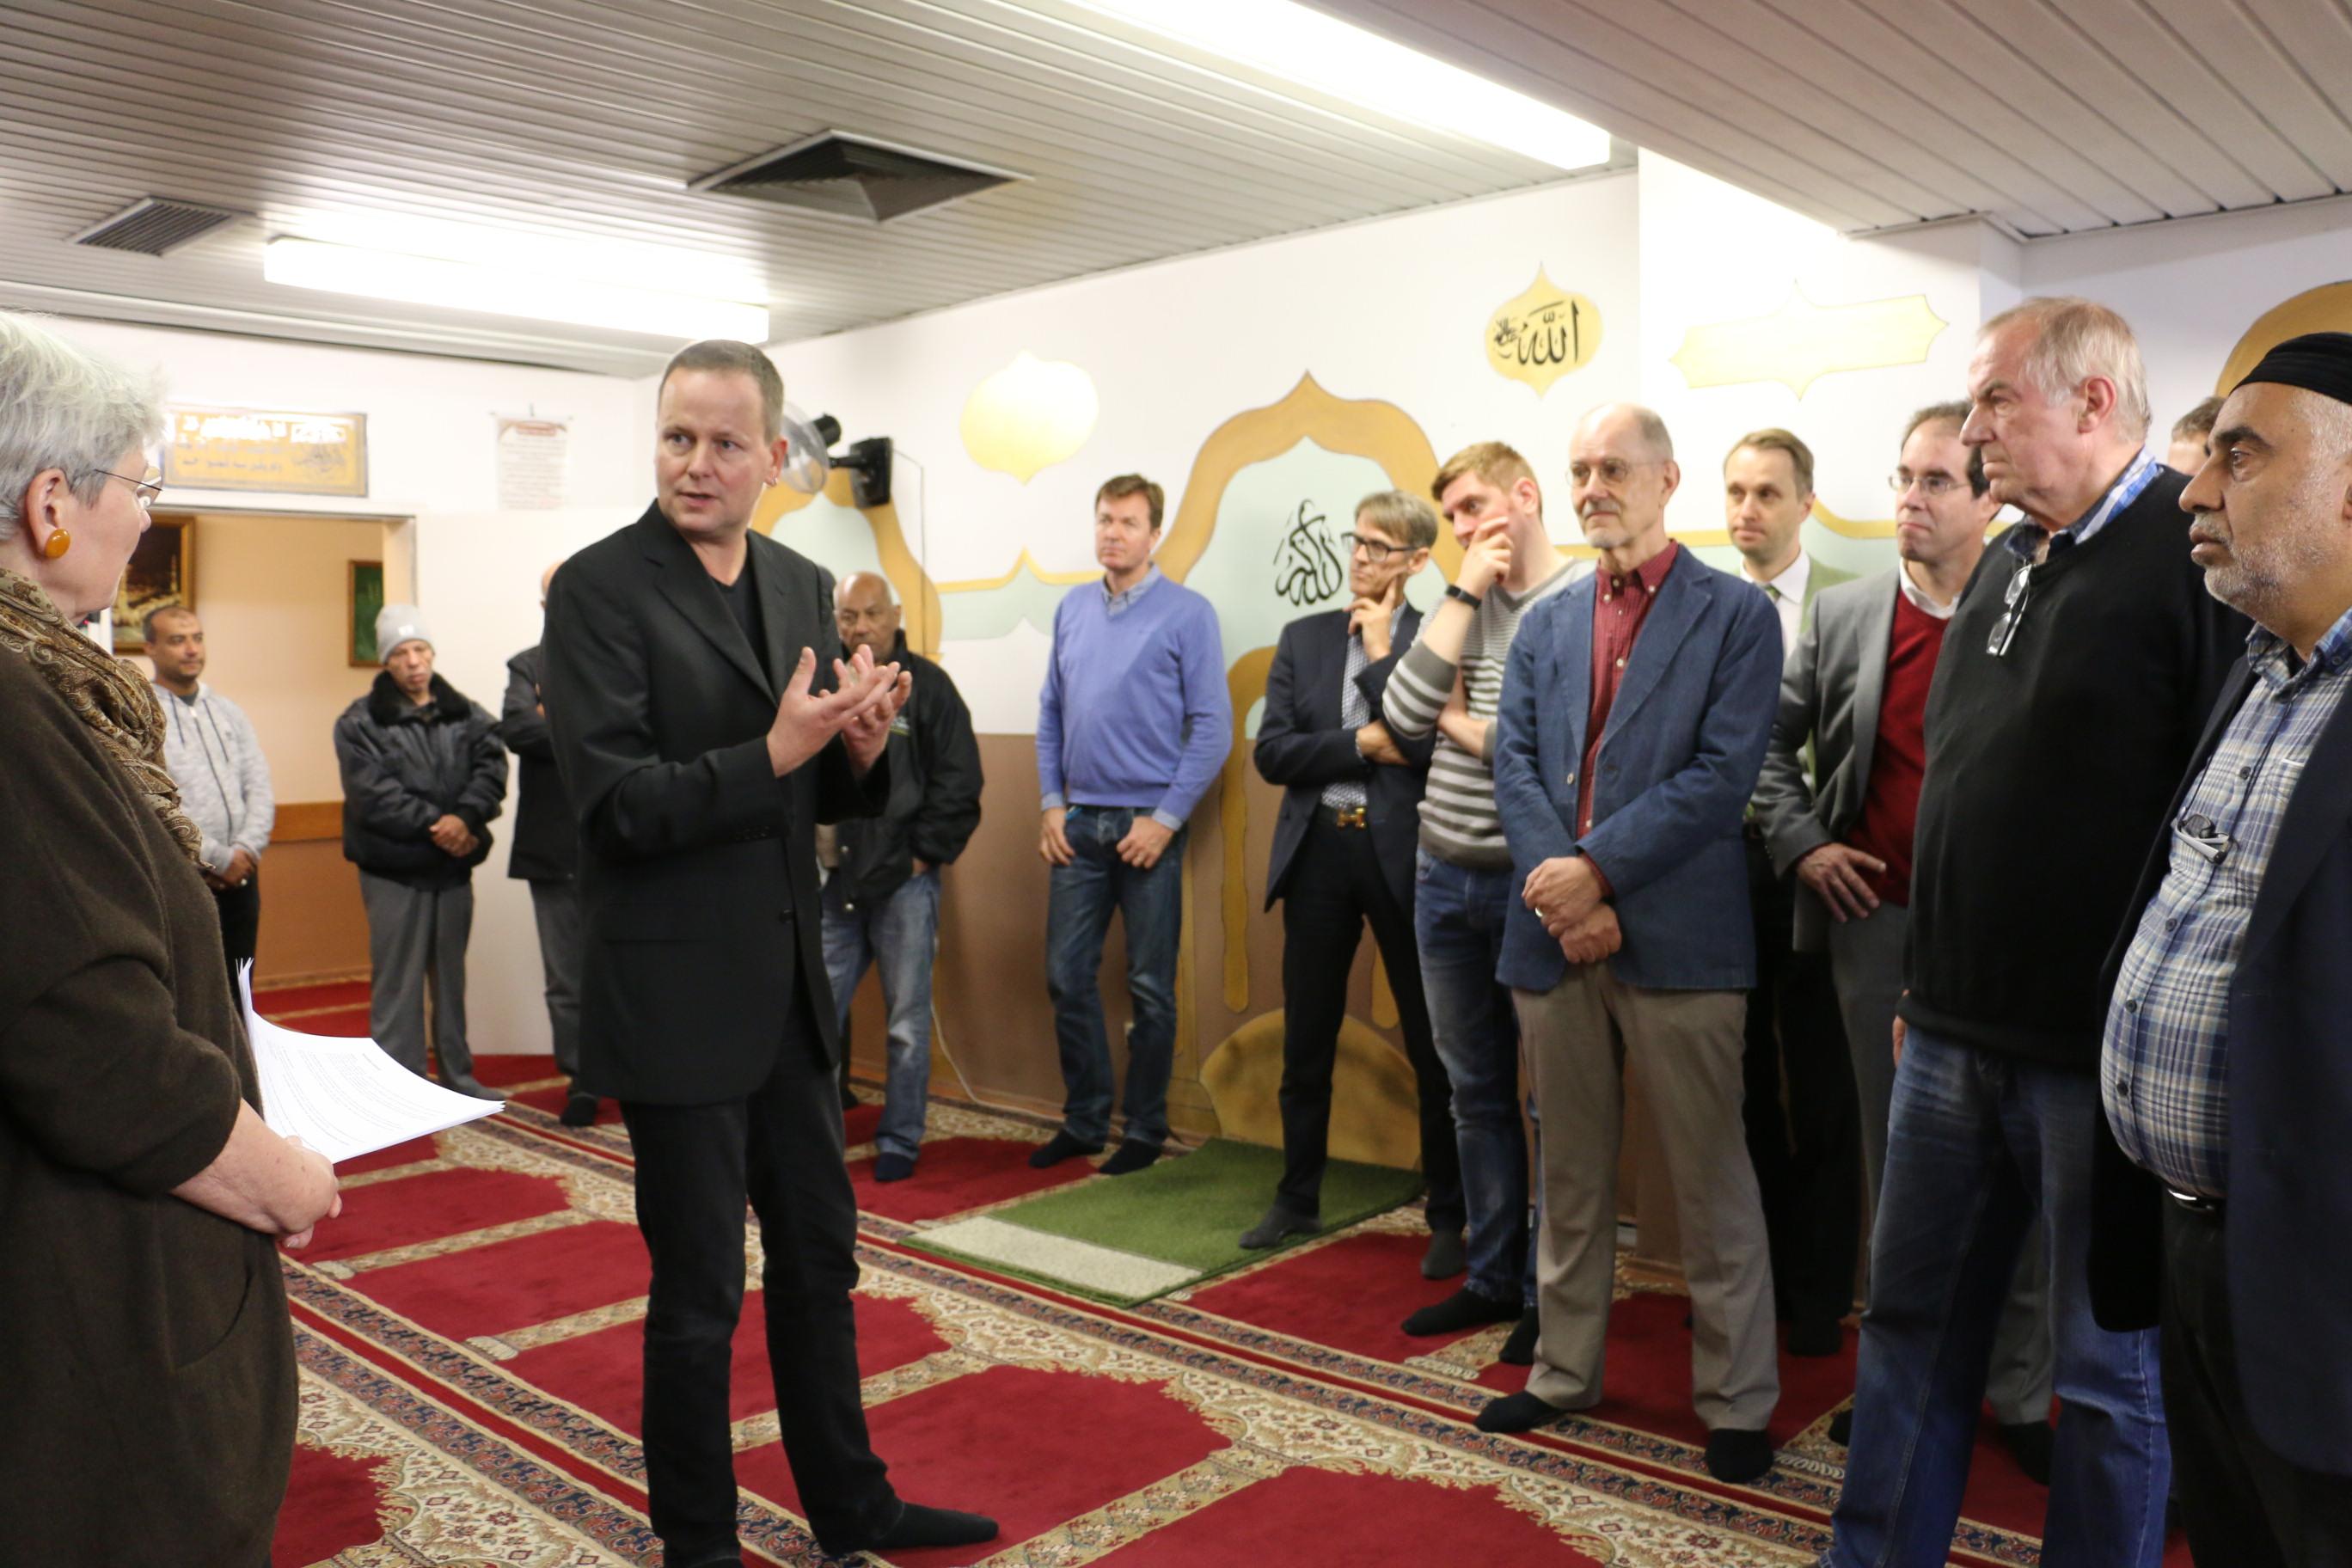 Islam meets LGBTI im Haus der Weisheit